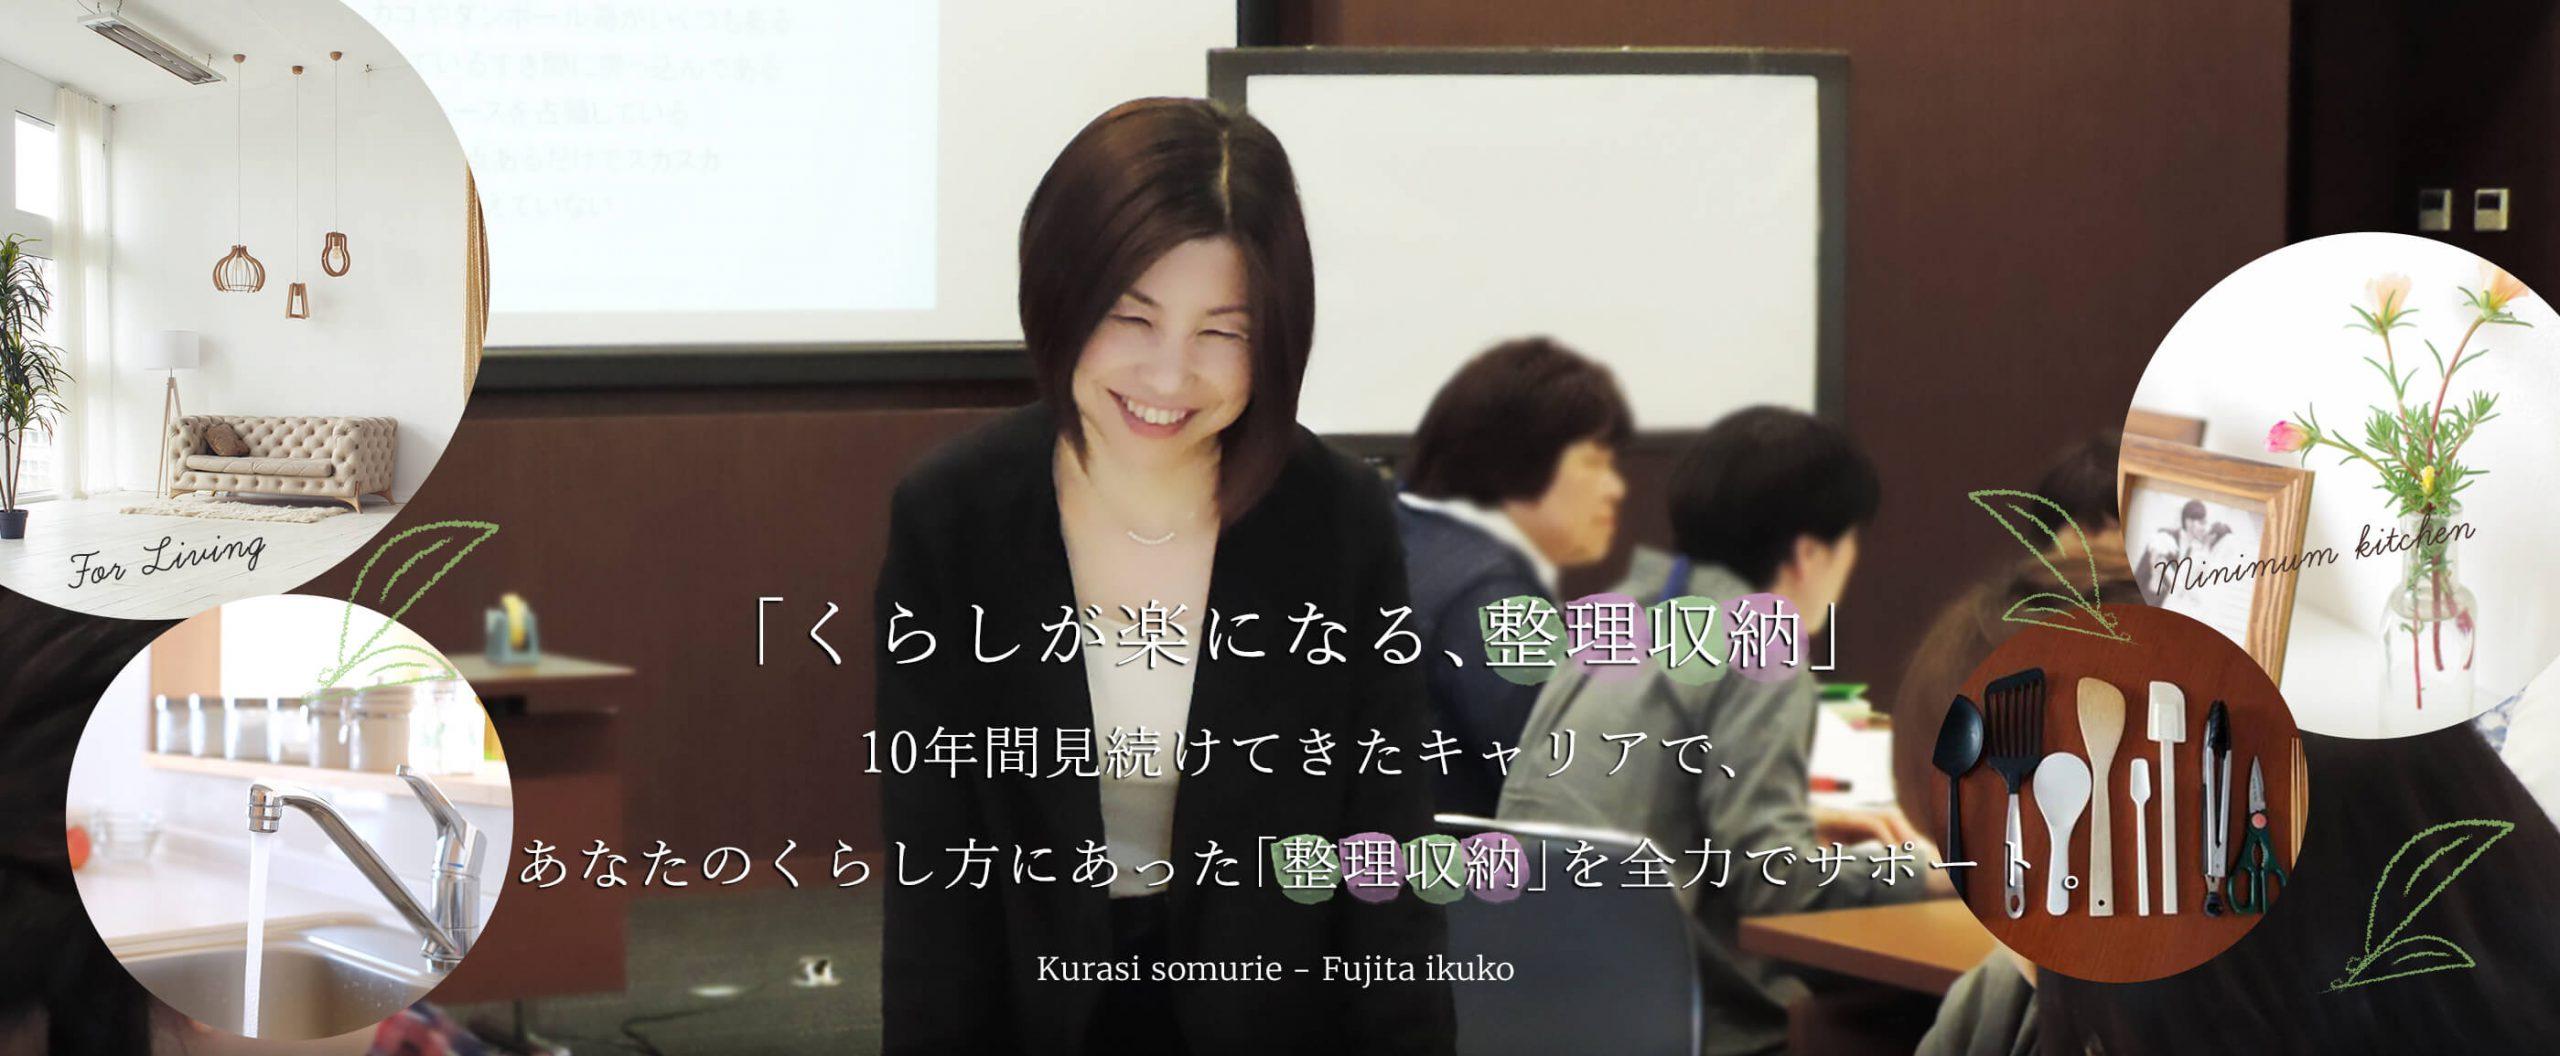 大分・九州 整理収納アドバイザー2級認定講師「くらしソムリエ」藤田郁子